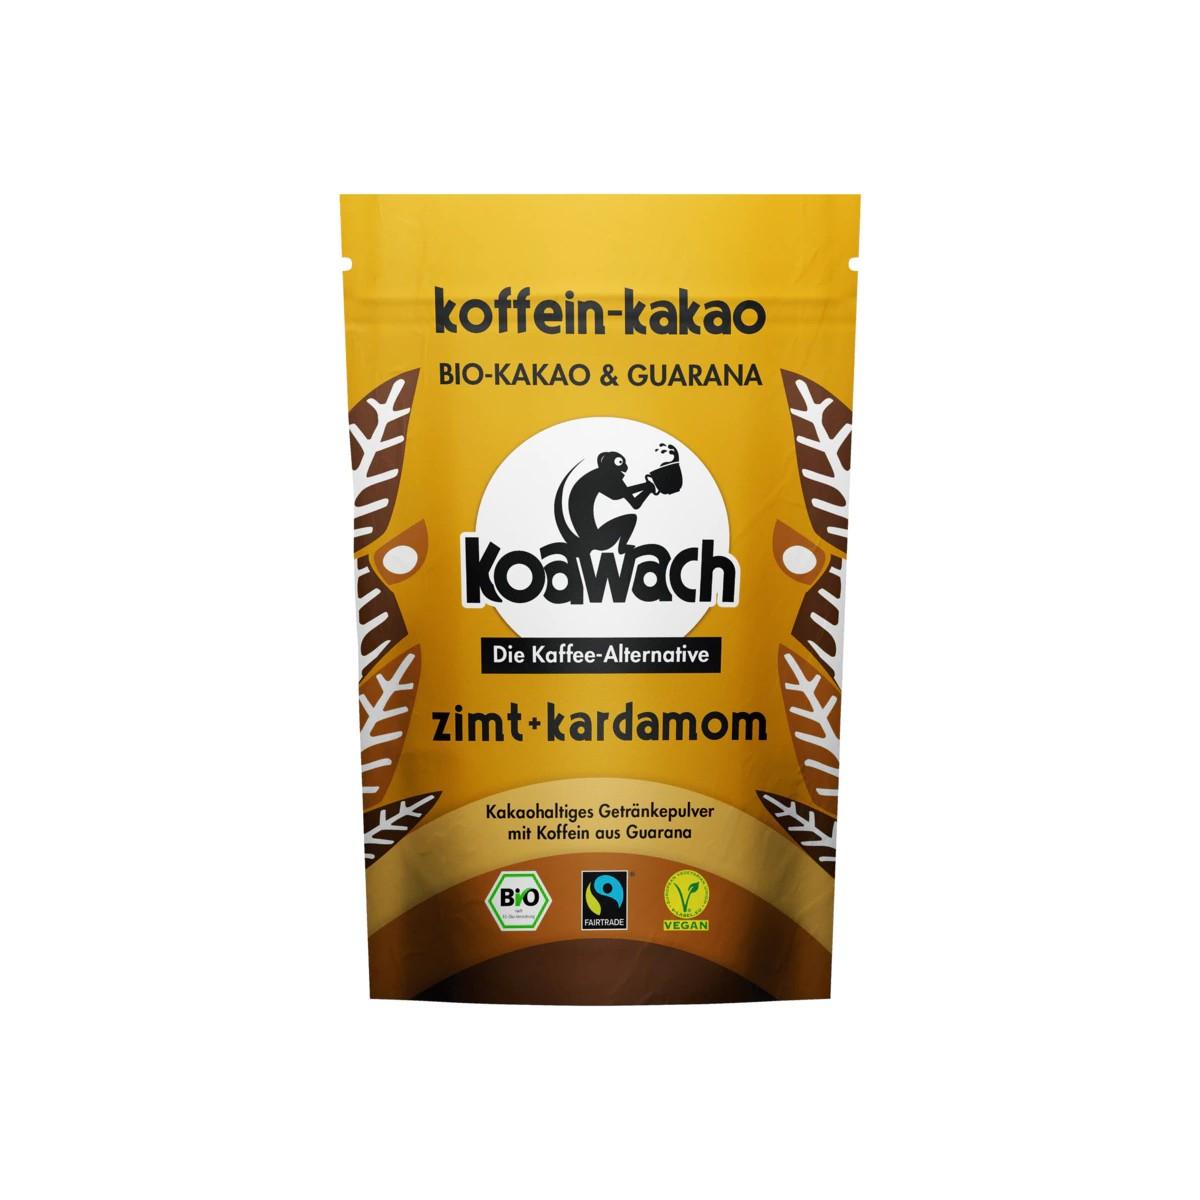 Buy Koawach Bio Koffein-Kakao Zimt + Kardamom in Berlin with delivery